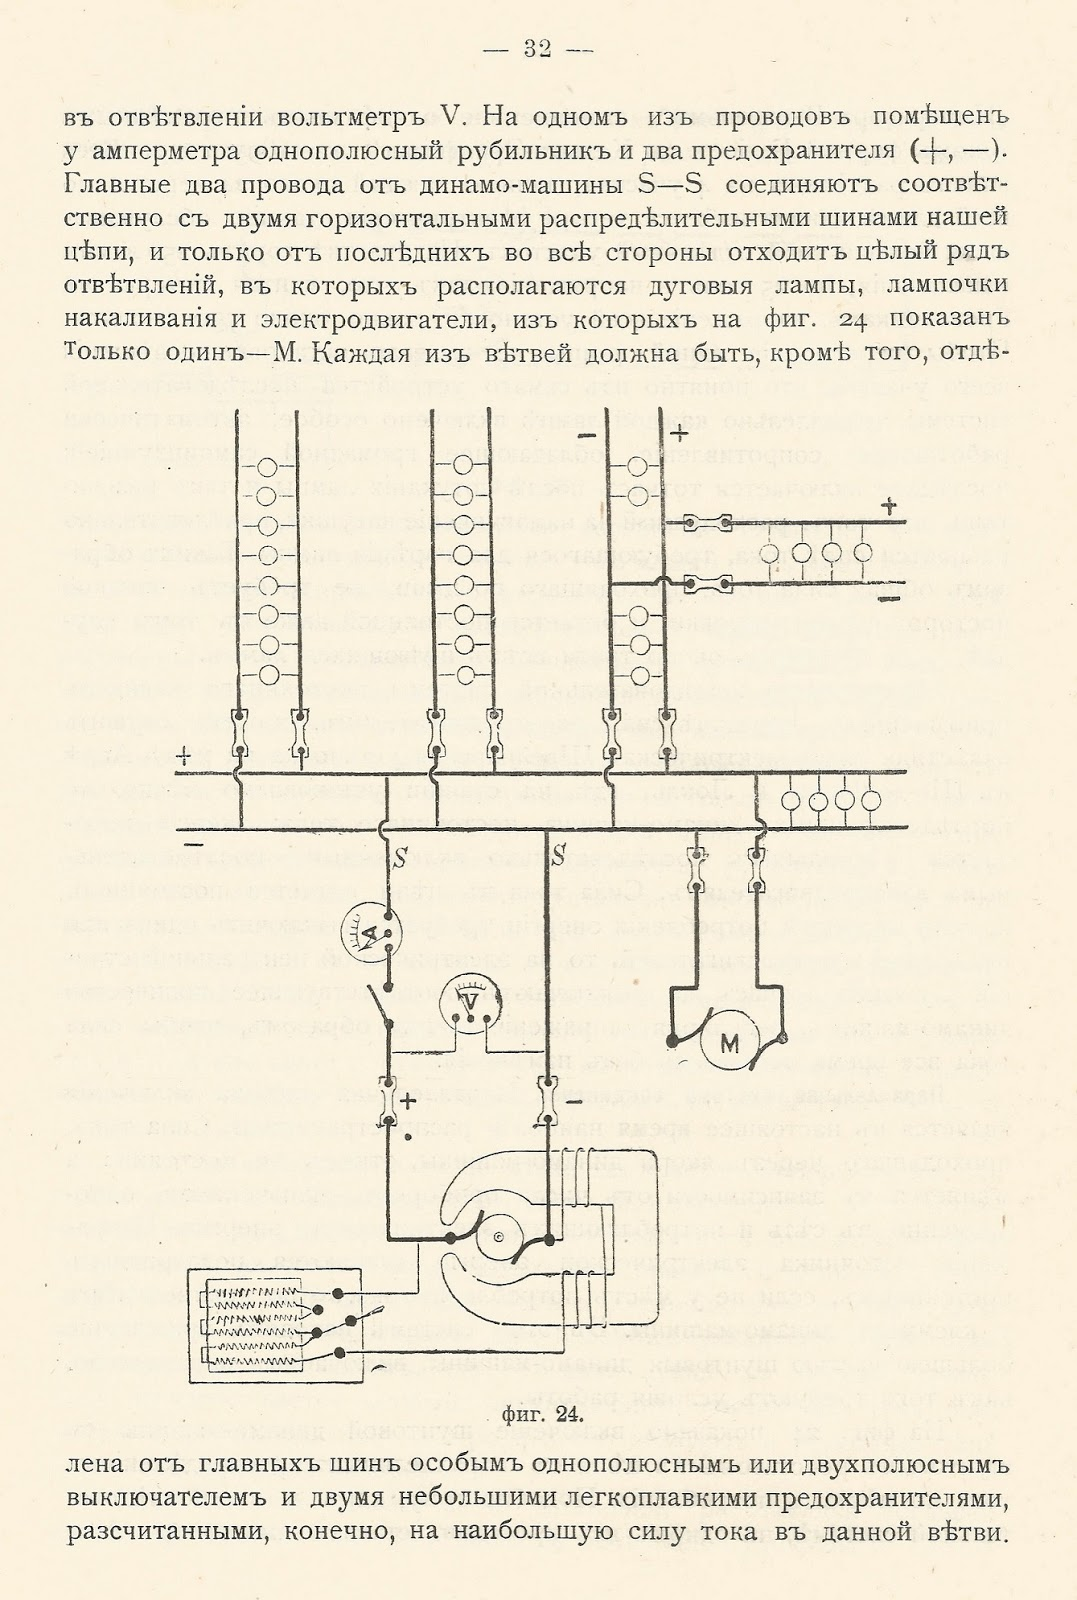 Электрификация. Дореволюционный учебник для электротехников.